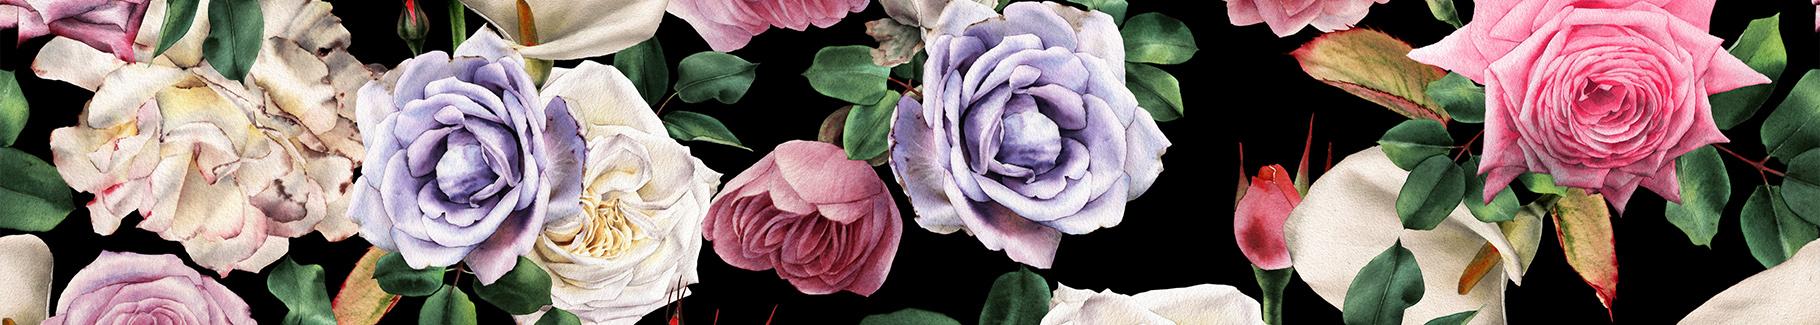 Obraz różana akwarela